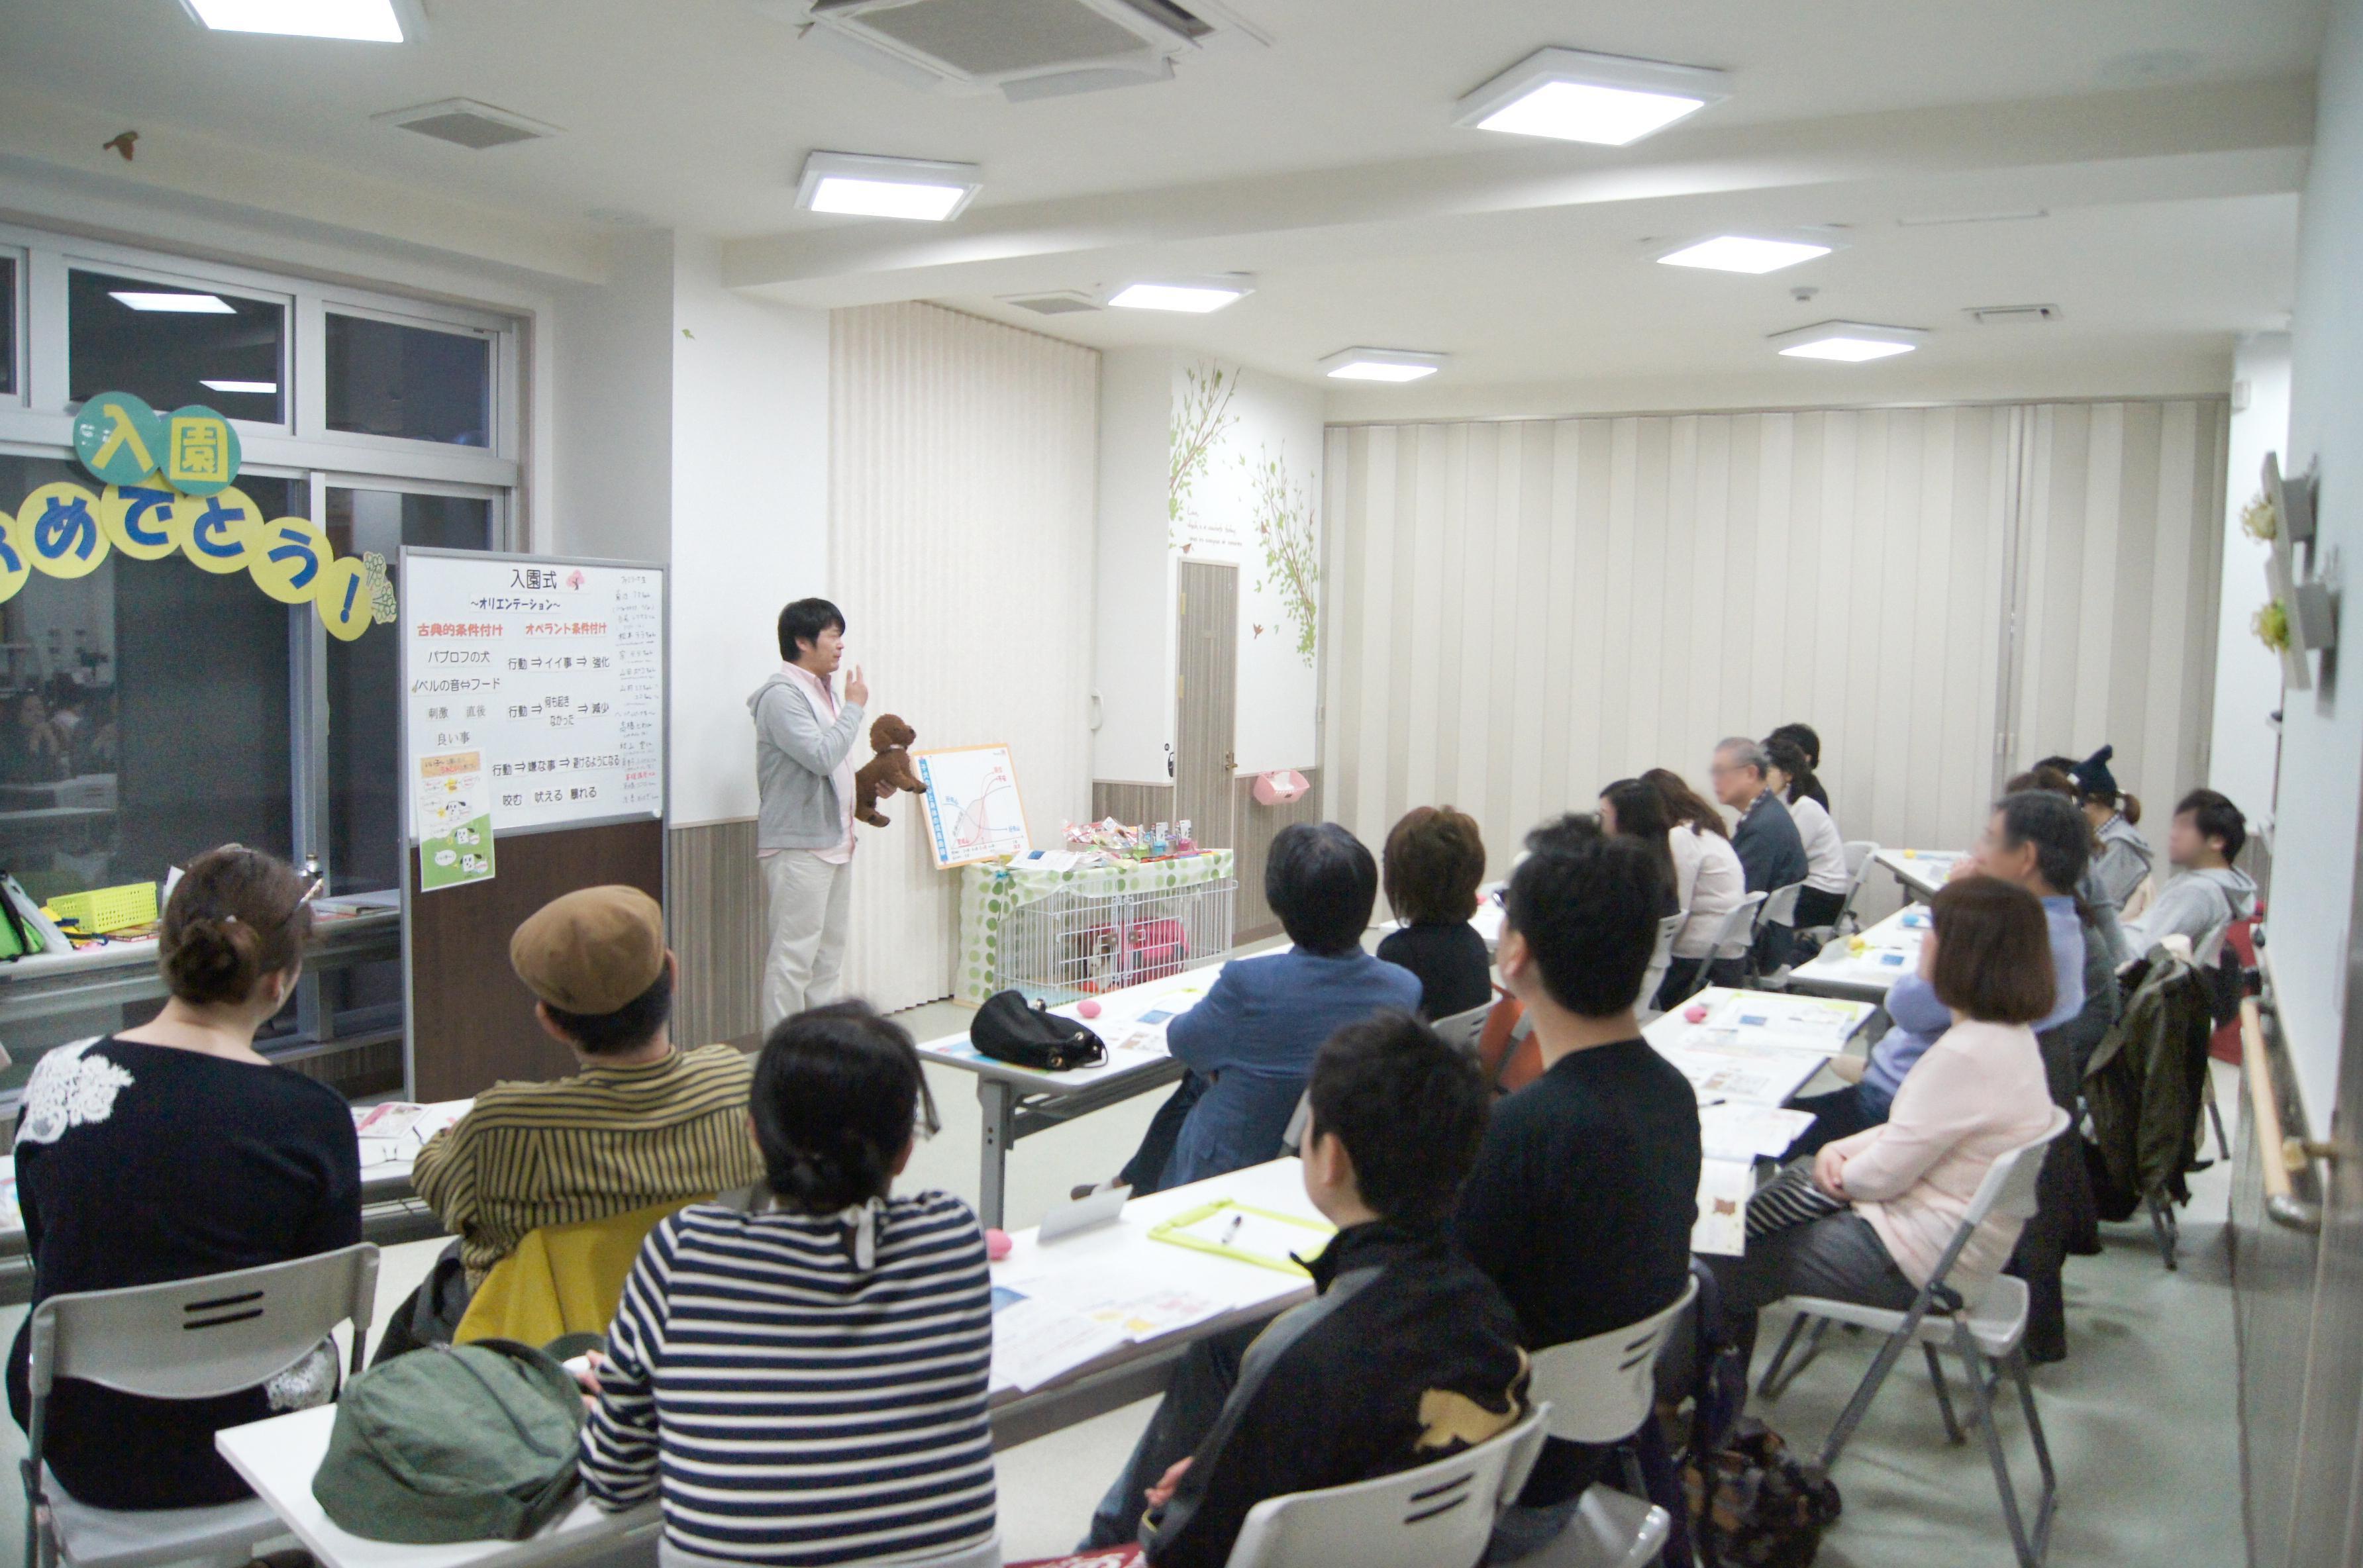 各種講義も催しています。スタッフも参加できます。